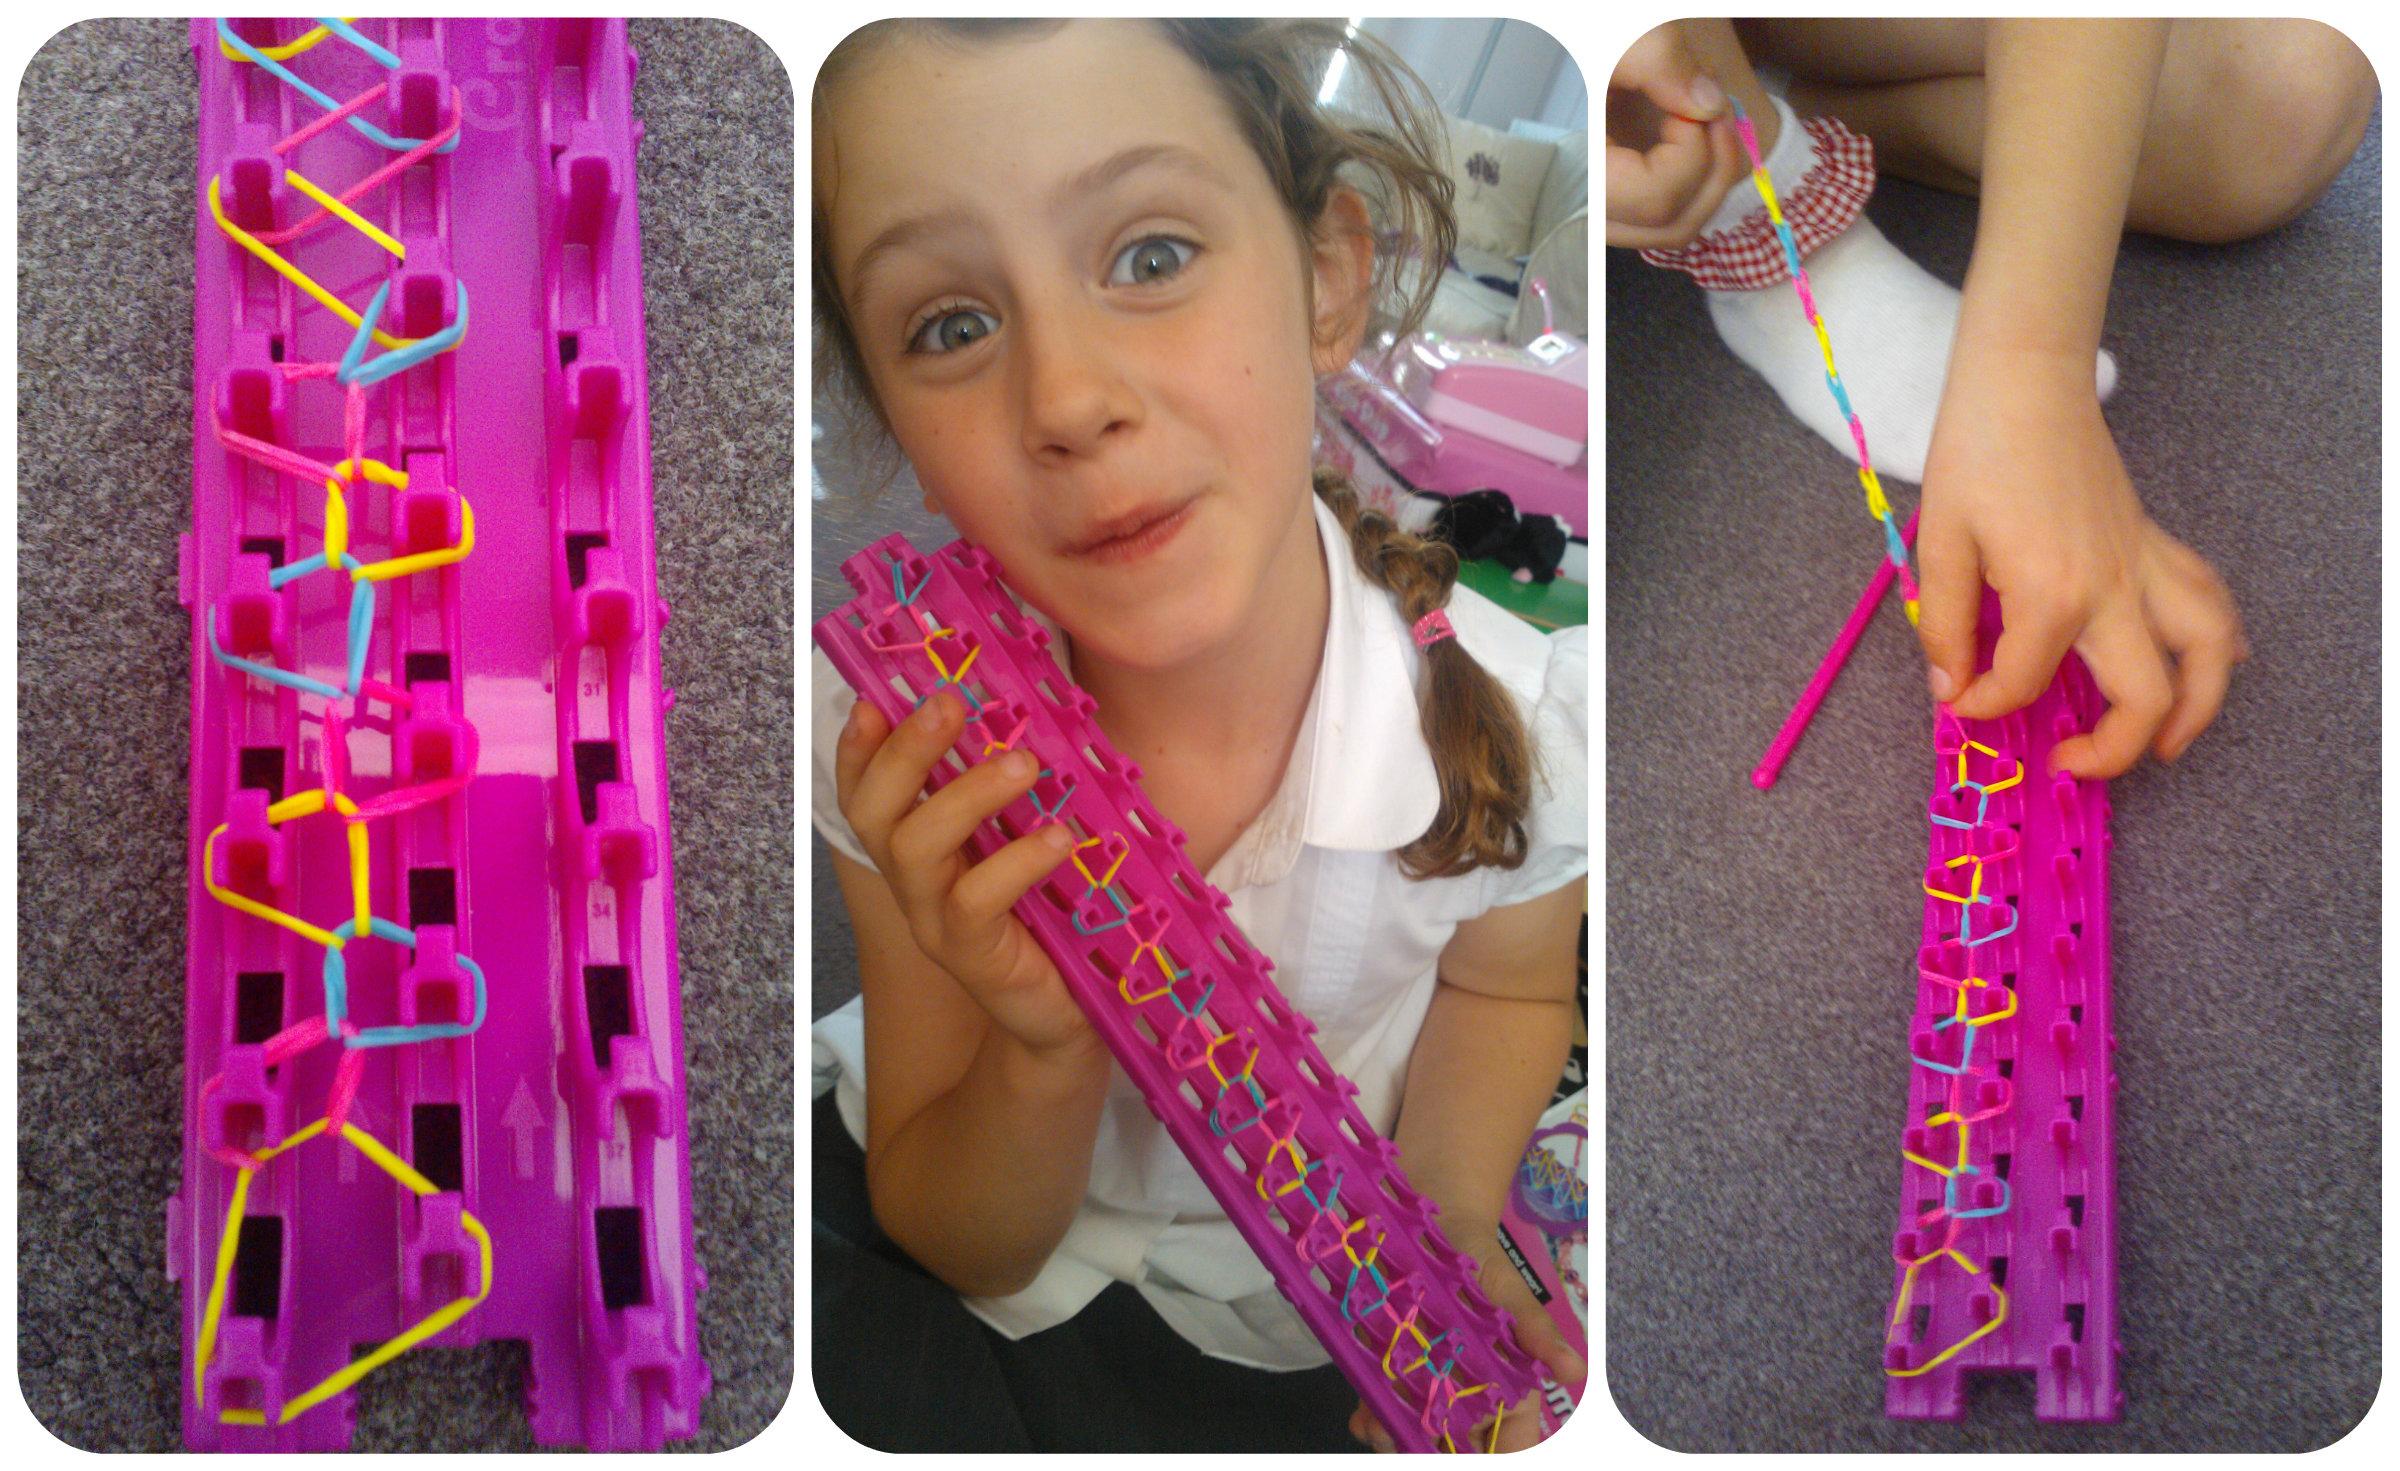 loom 3 Cra Z loom Bracelet Maker   Review